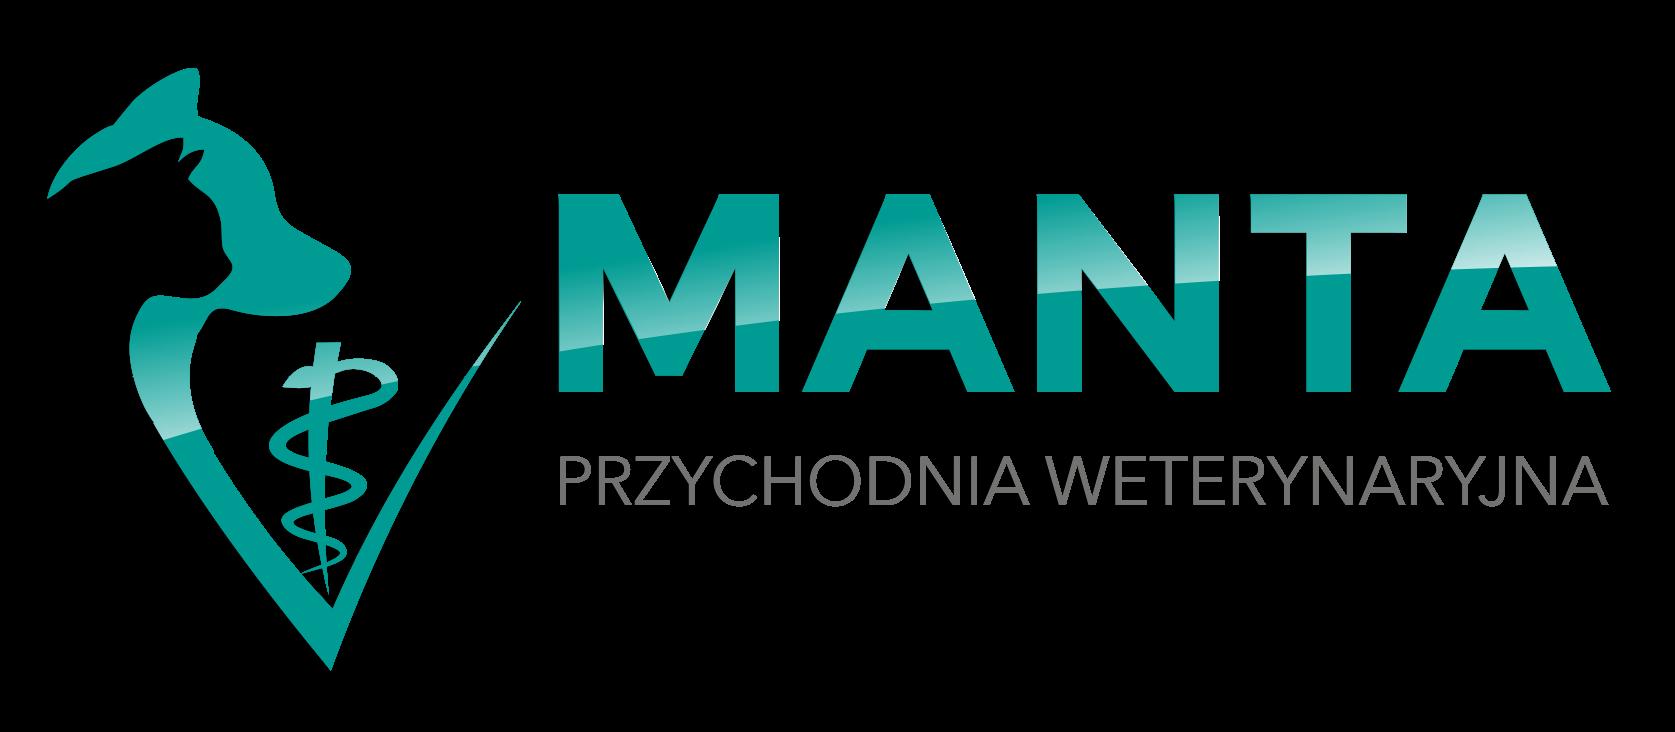 """Przychodnia dla zwierząt """"Manta"""" – Warszawa Mokotów"""